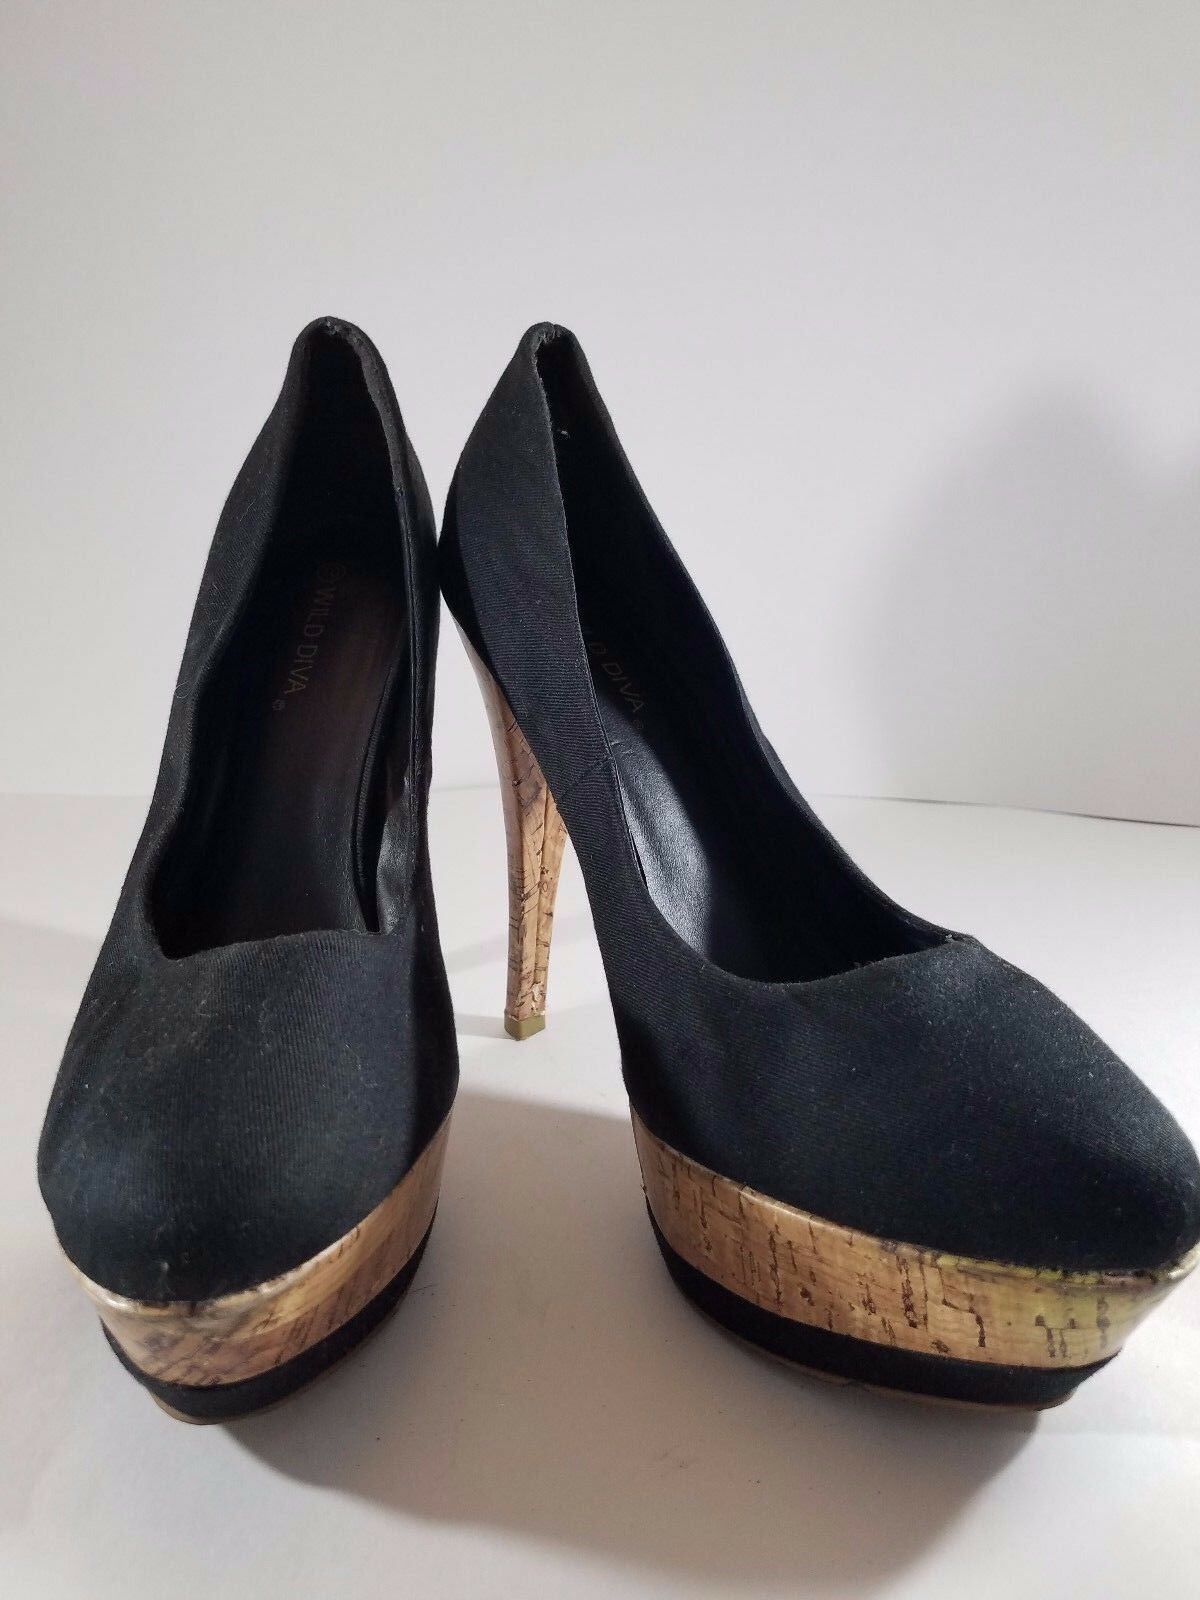 Wild Diva Platform Women's Black Stiletto Platform Diva Heels Size 10 91f4c3